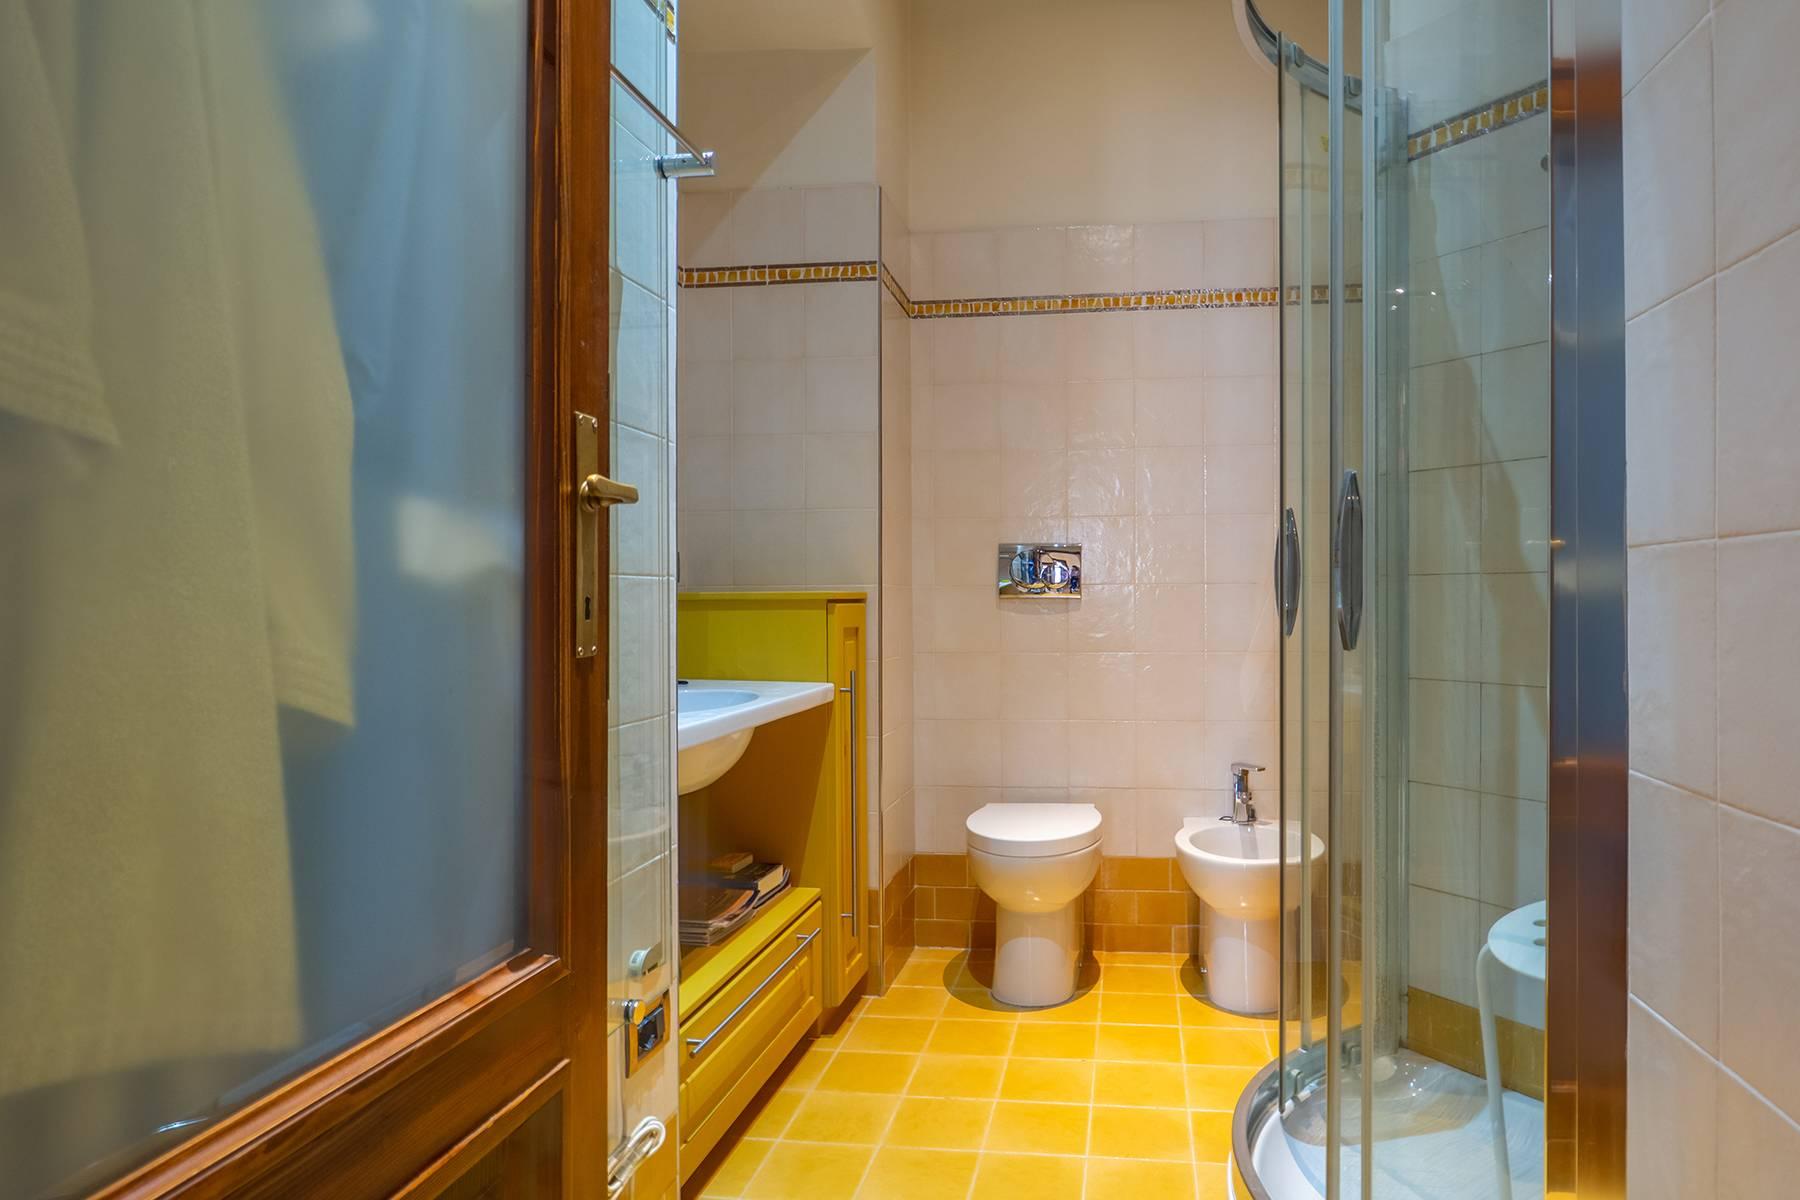 Appartamento in Vendita a Torino: 4 locali, 151 mq - Foto 11